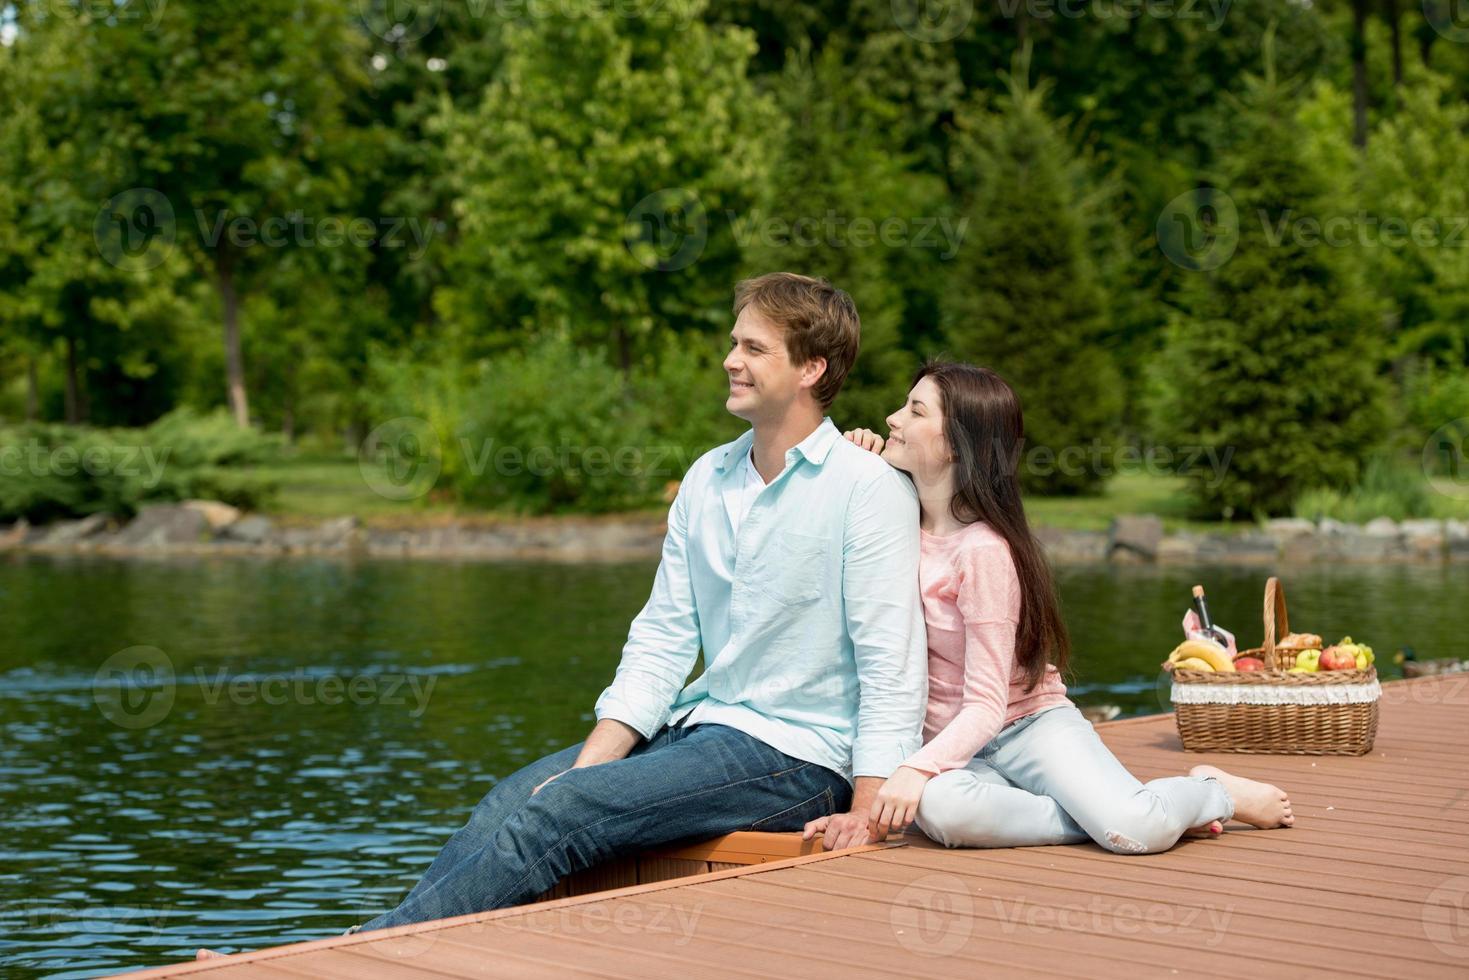 casal romântico feliz desfrutando de piquenique em um parque perto do lago foto